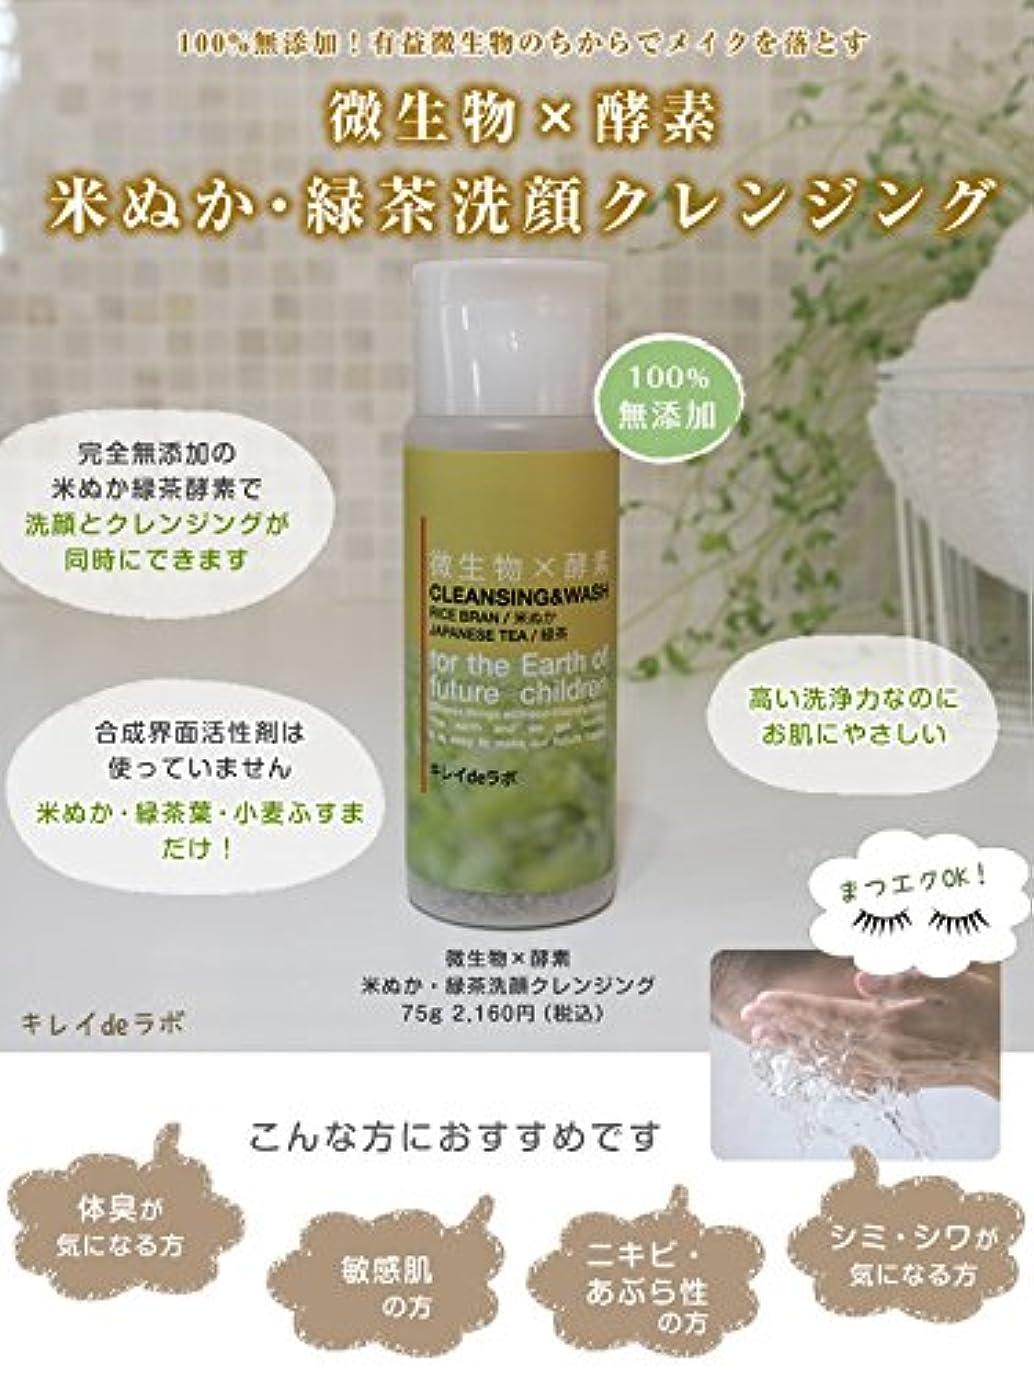 コンクリート妊娠したマサッチョ微生物×酵素 米ぬか緑茶洗顔クレンジング100%無添加 マツエクOK … (本体 75g) みんなでみらいを 米ぬか使用